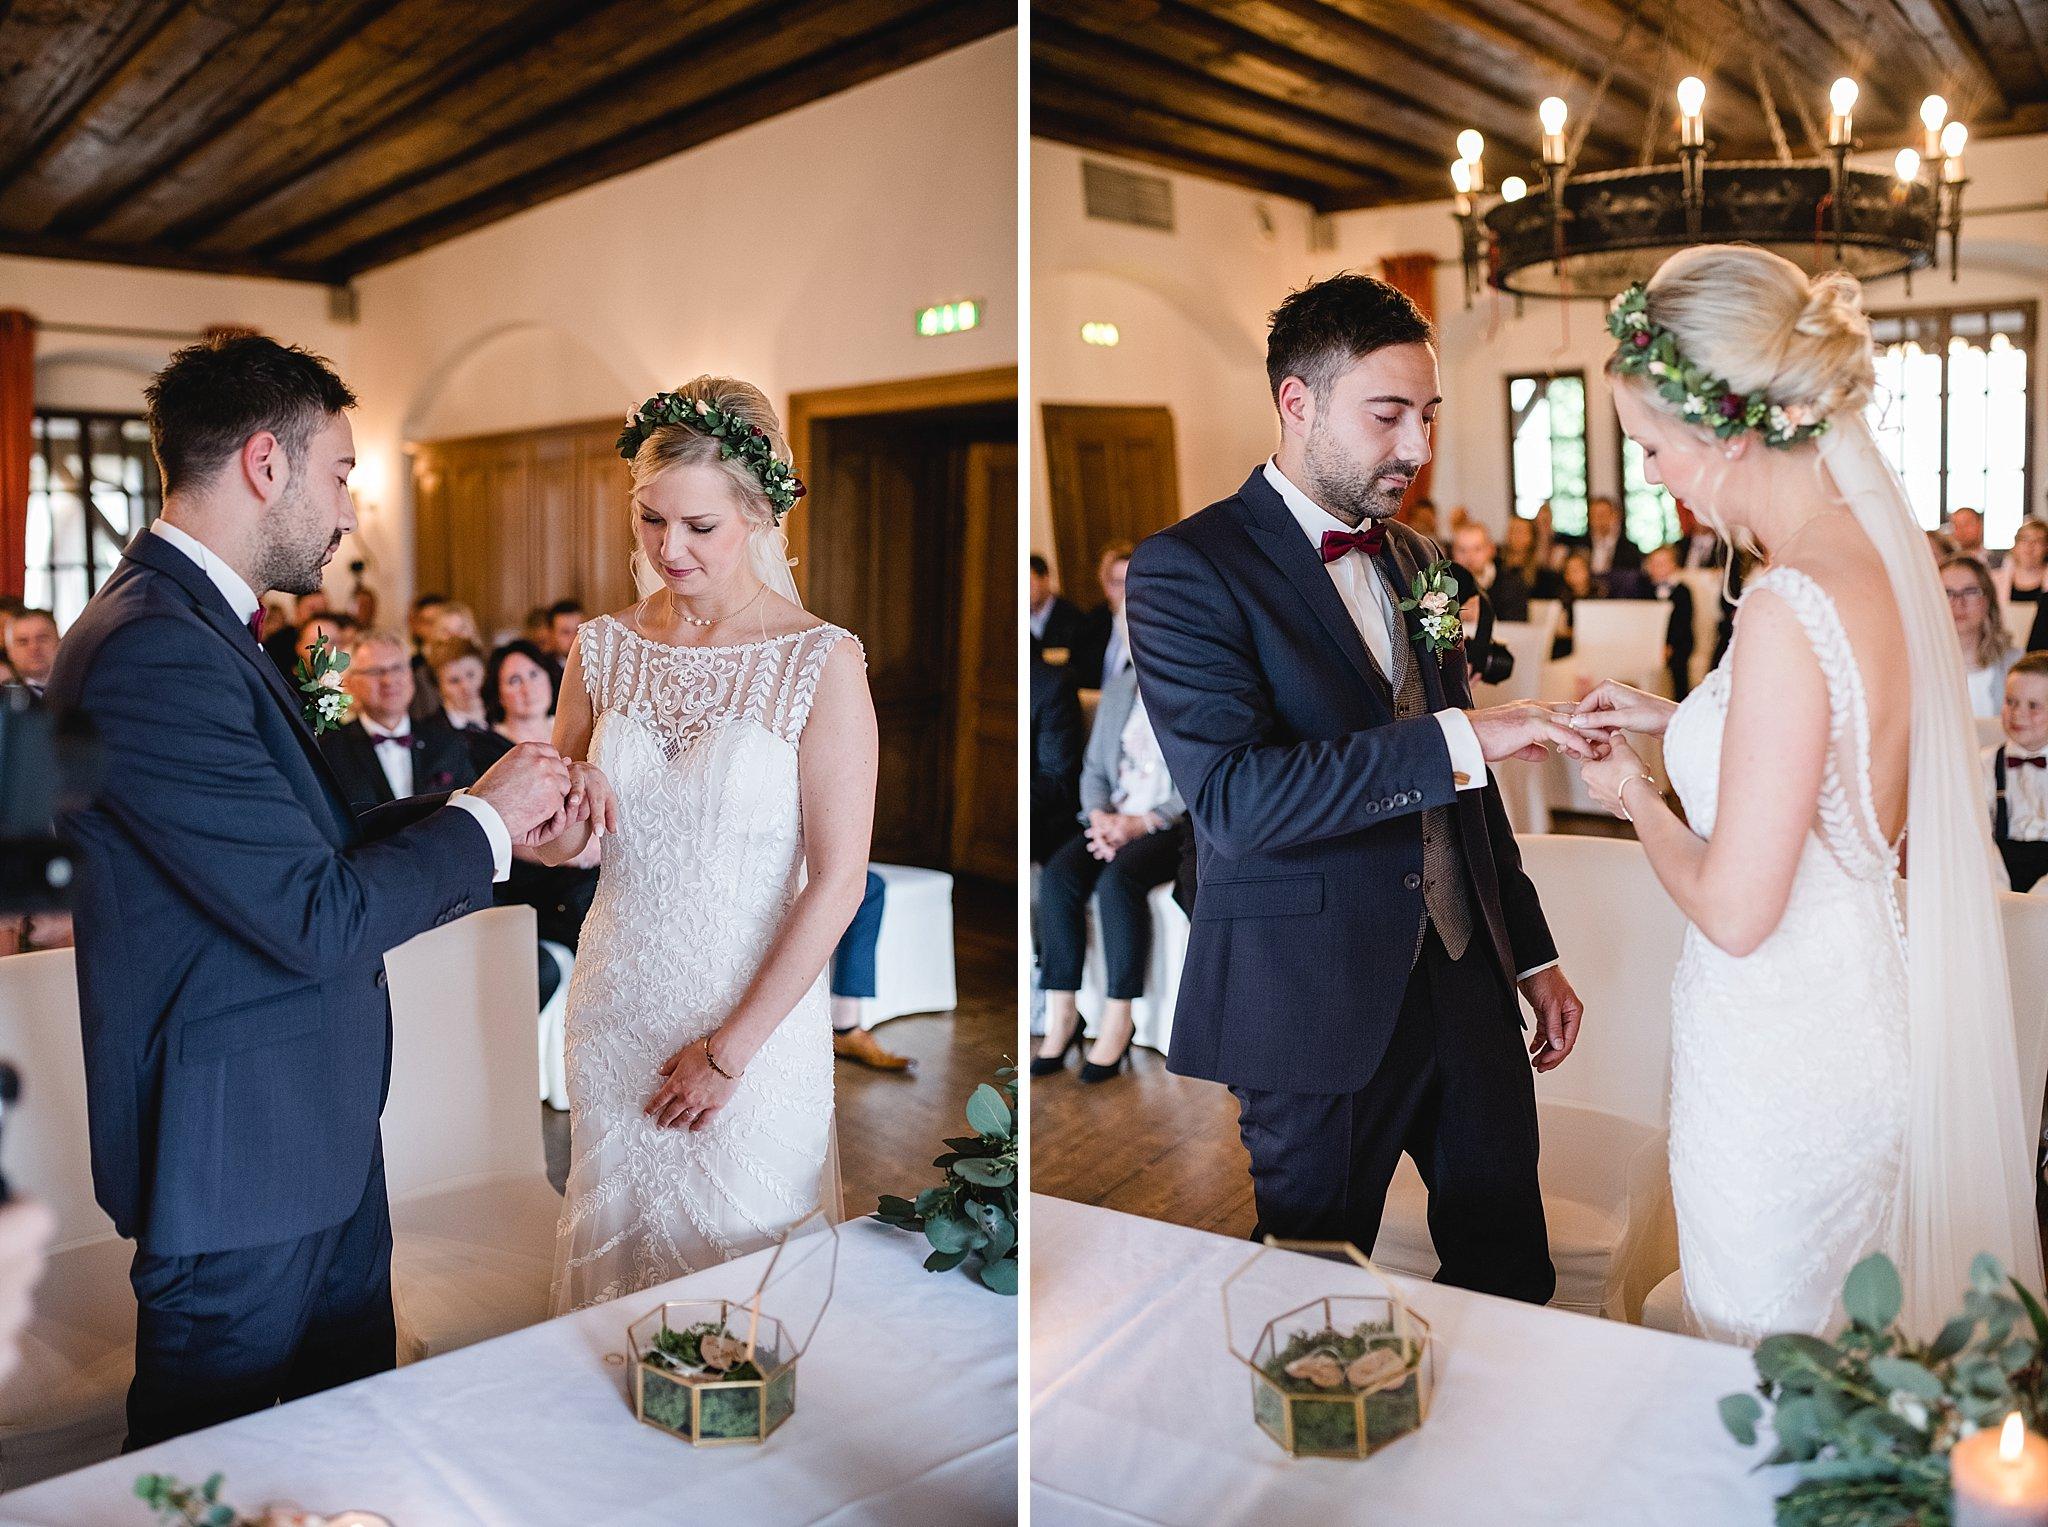 Hochzeit-von-Marina-Dominik-auf-Burg-Wernberg-und-Schloss-Friedrichsburg-00035